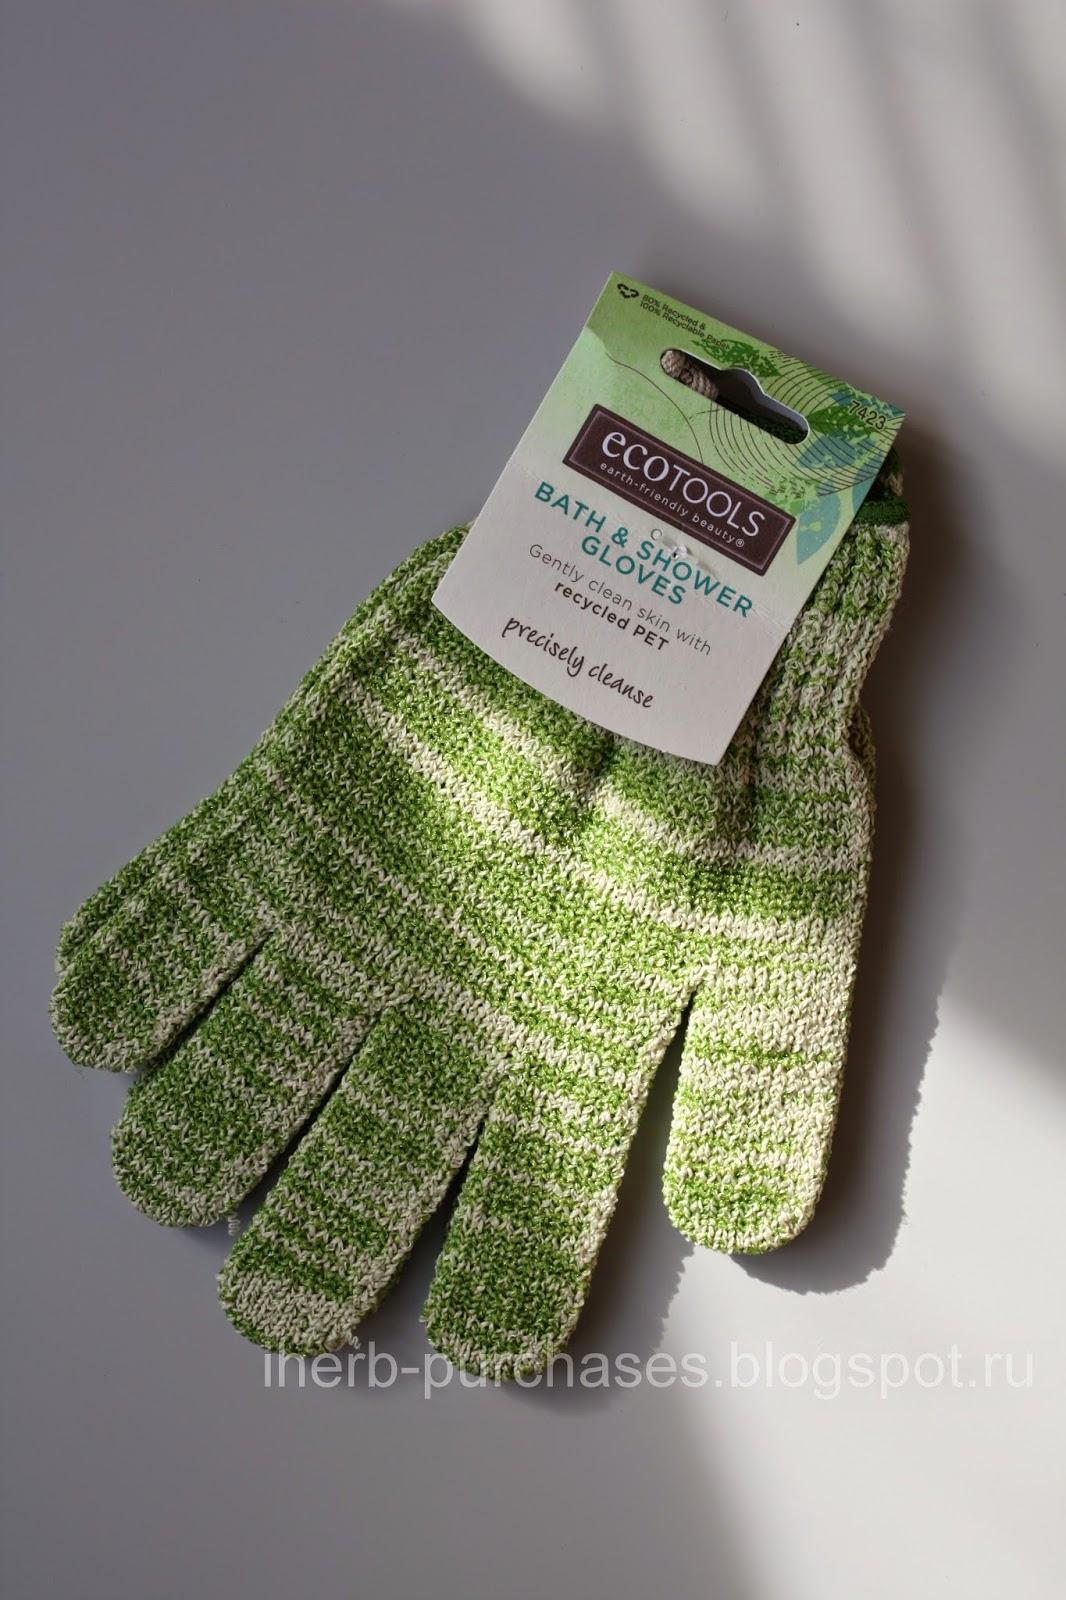 перчатки для душа, мочалка, отзыв, iherb